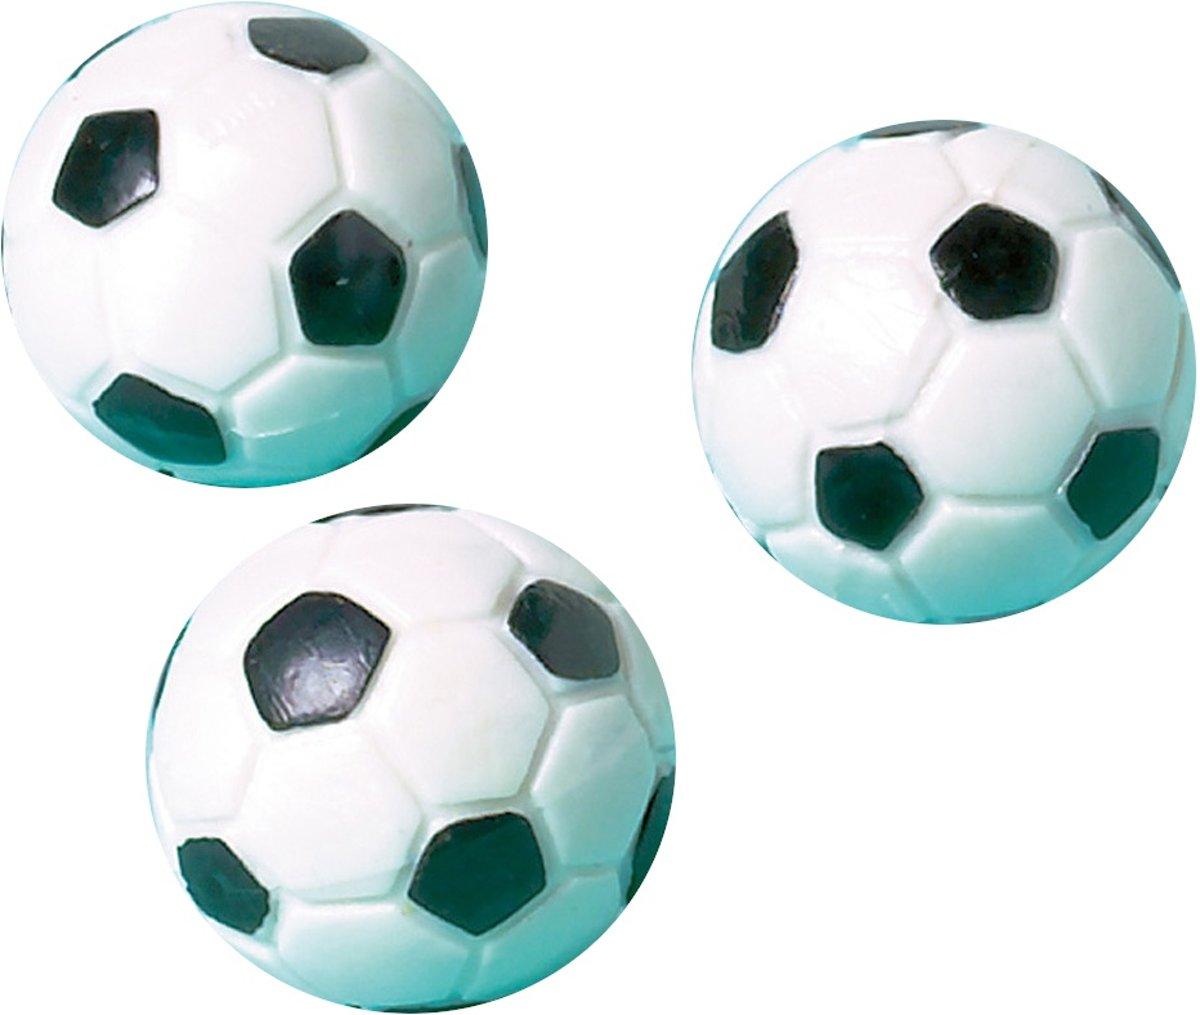 Botsbal Voetbal Gift kopen